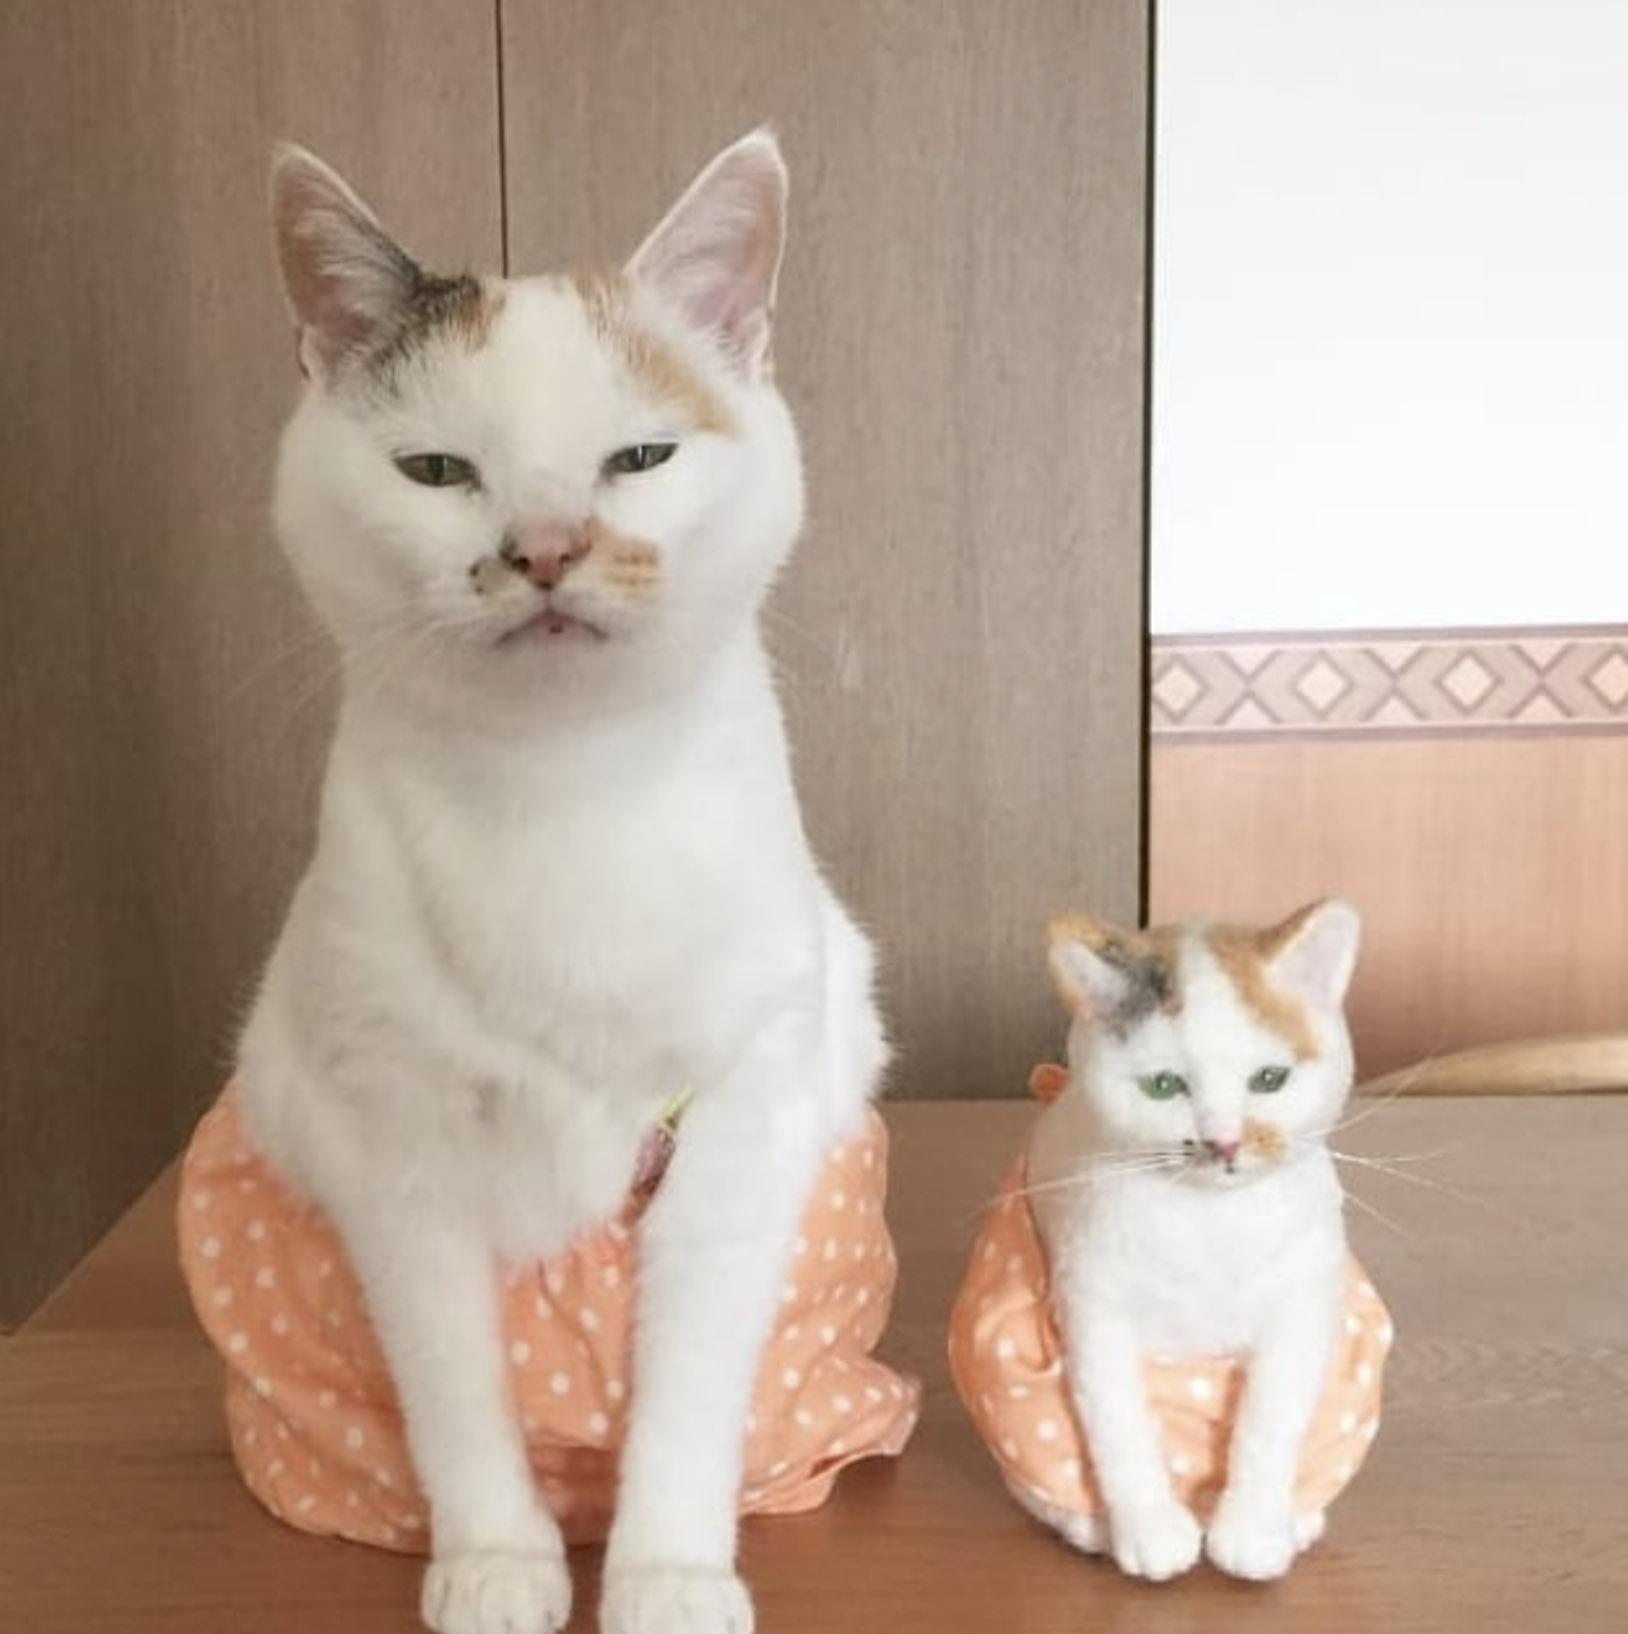 кот с маленькой игрушечной версией себя